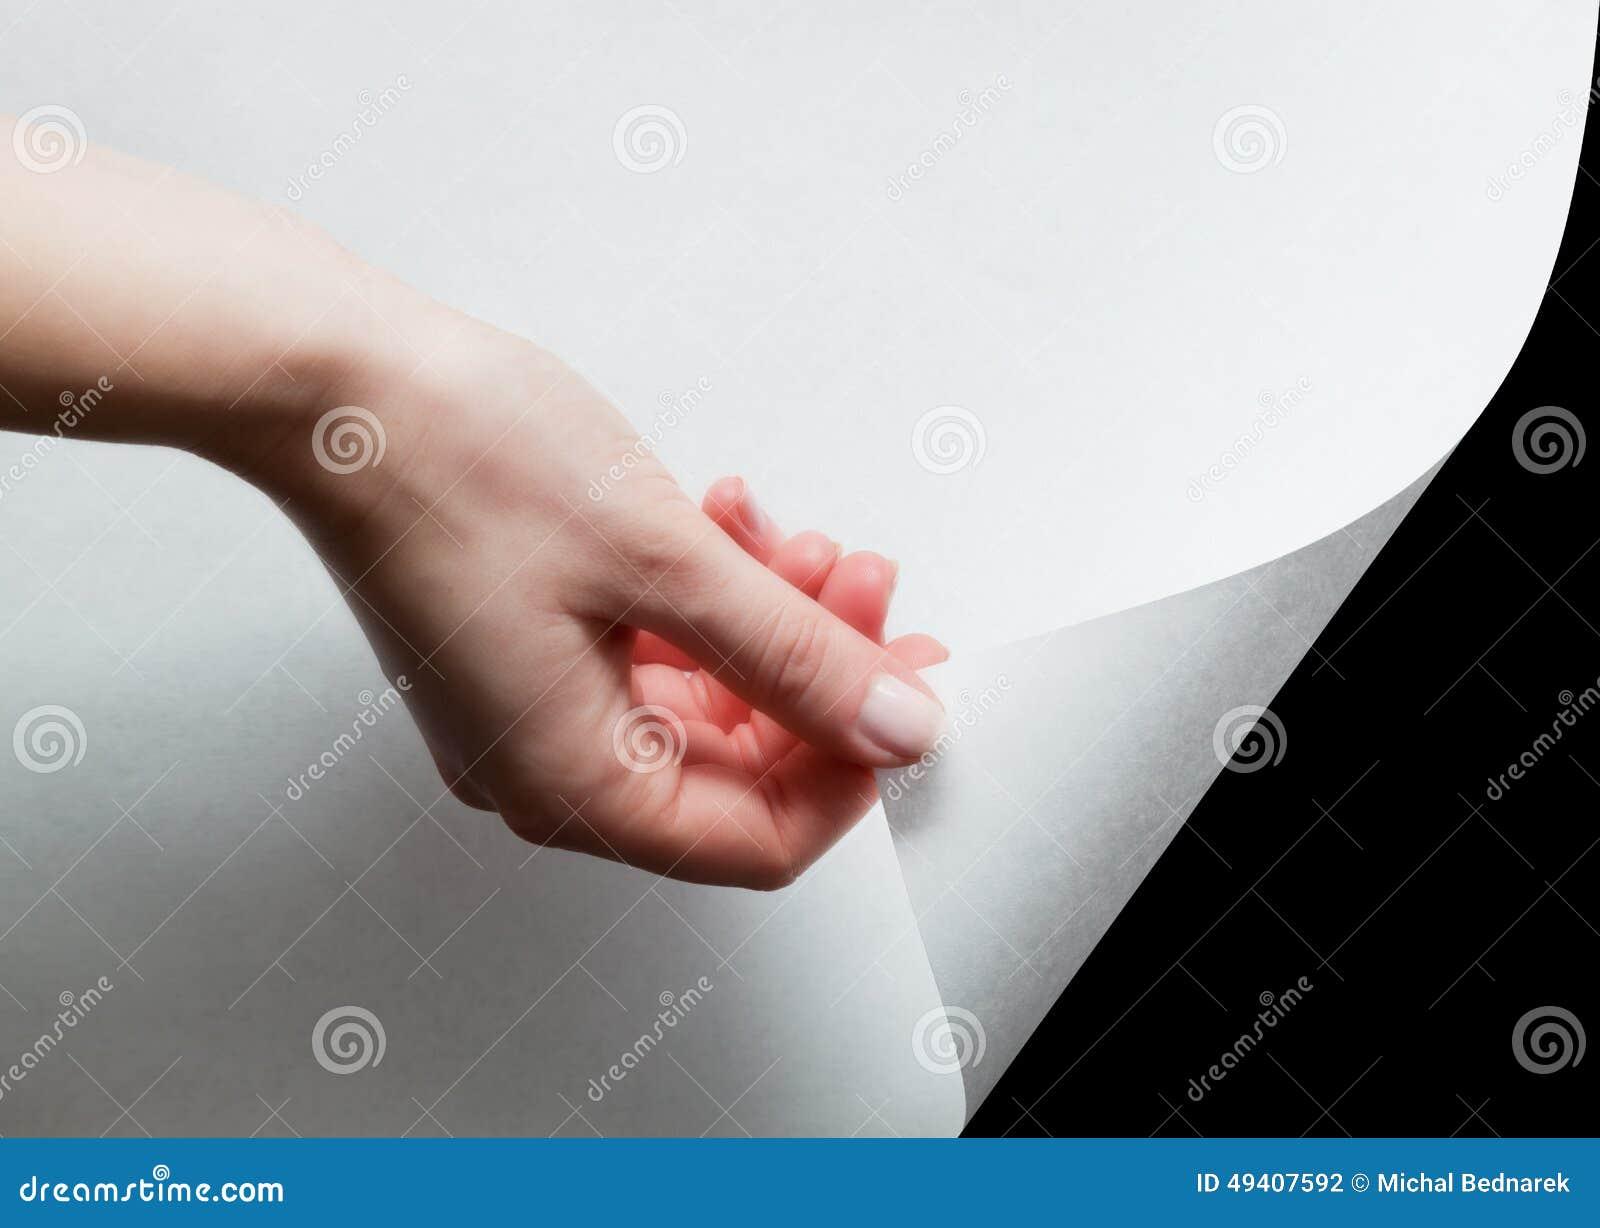 Download Übergeben Sie Das Ziehen Einer Papierecke, Um Aufzudecken, Decken Sie Etwas Auf Stockfoto - Bild von schale, dokument: 49407592